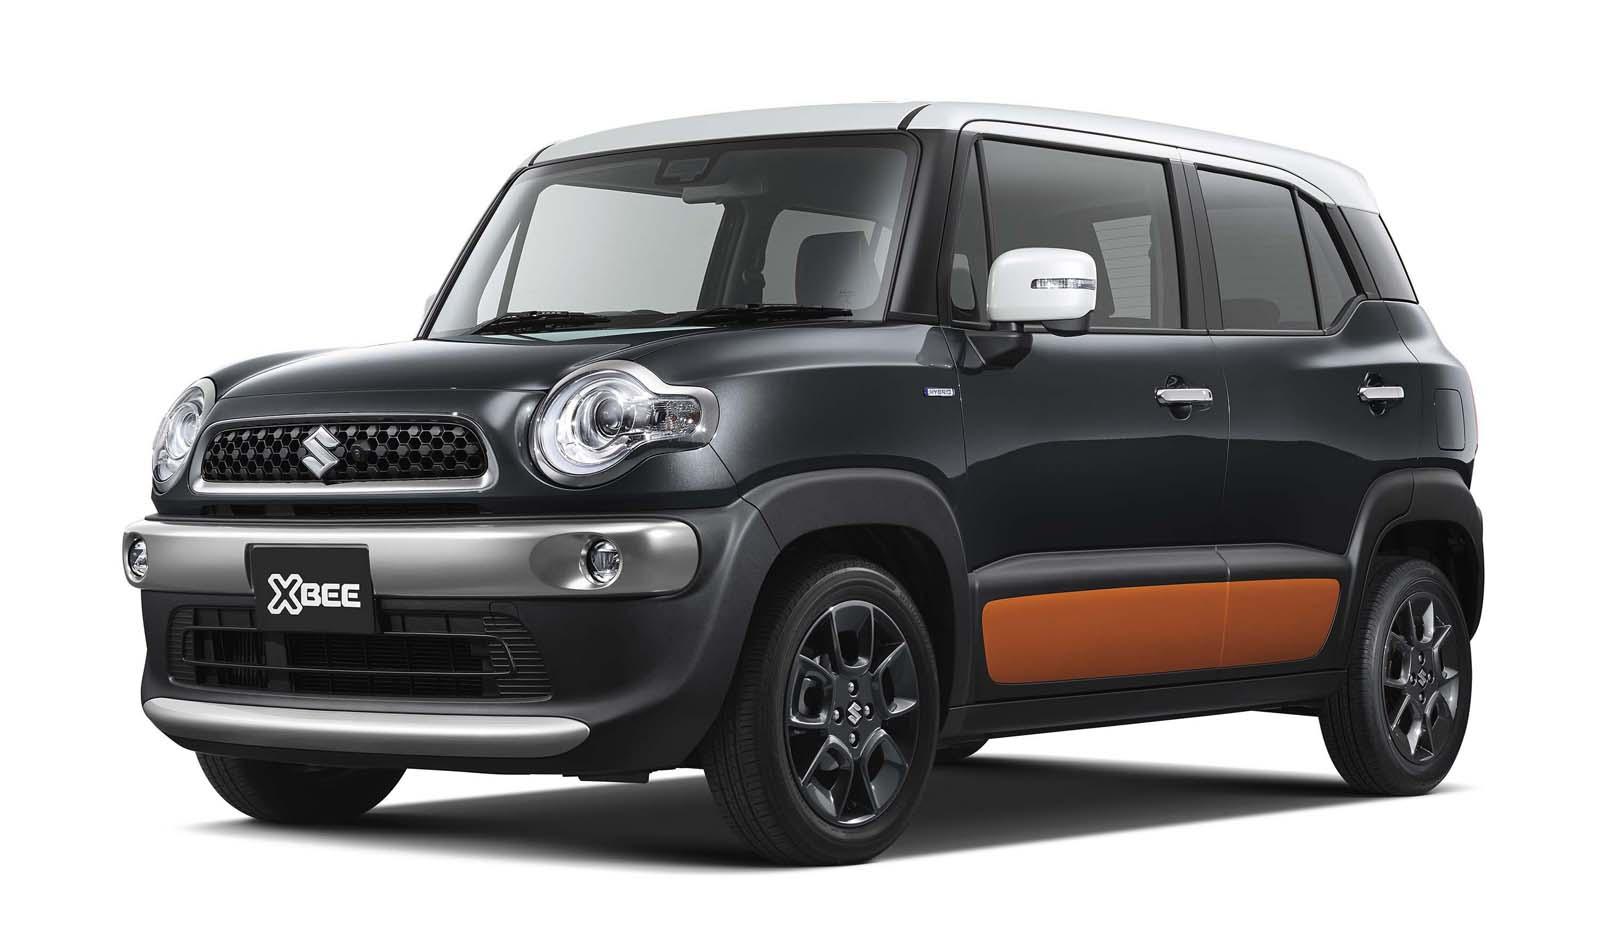 Suzuki Xbee 2018 (4)